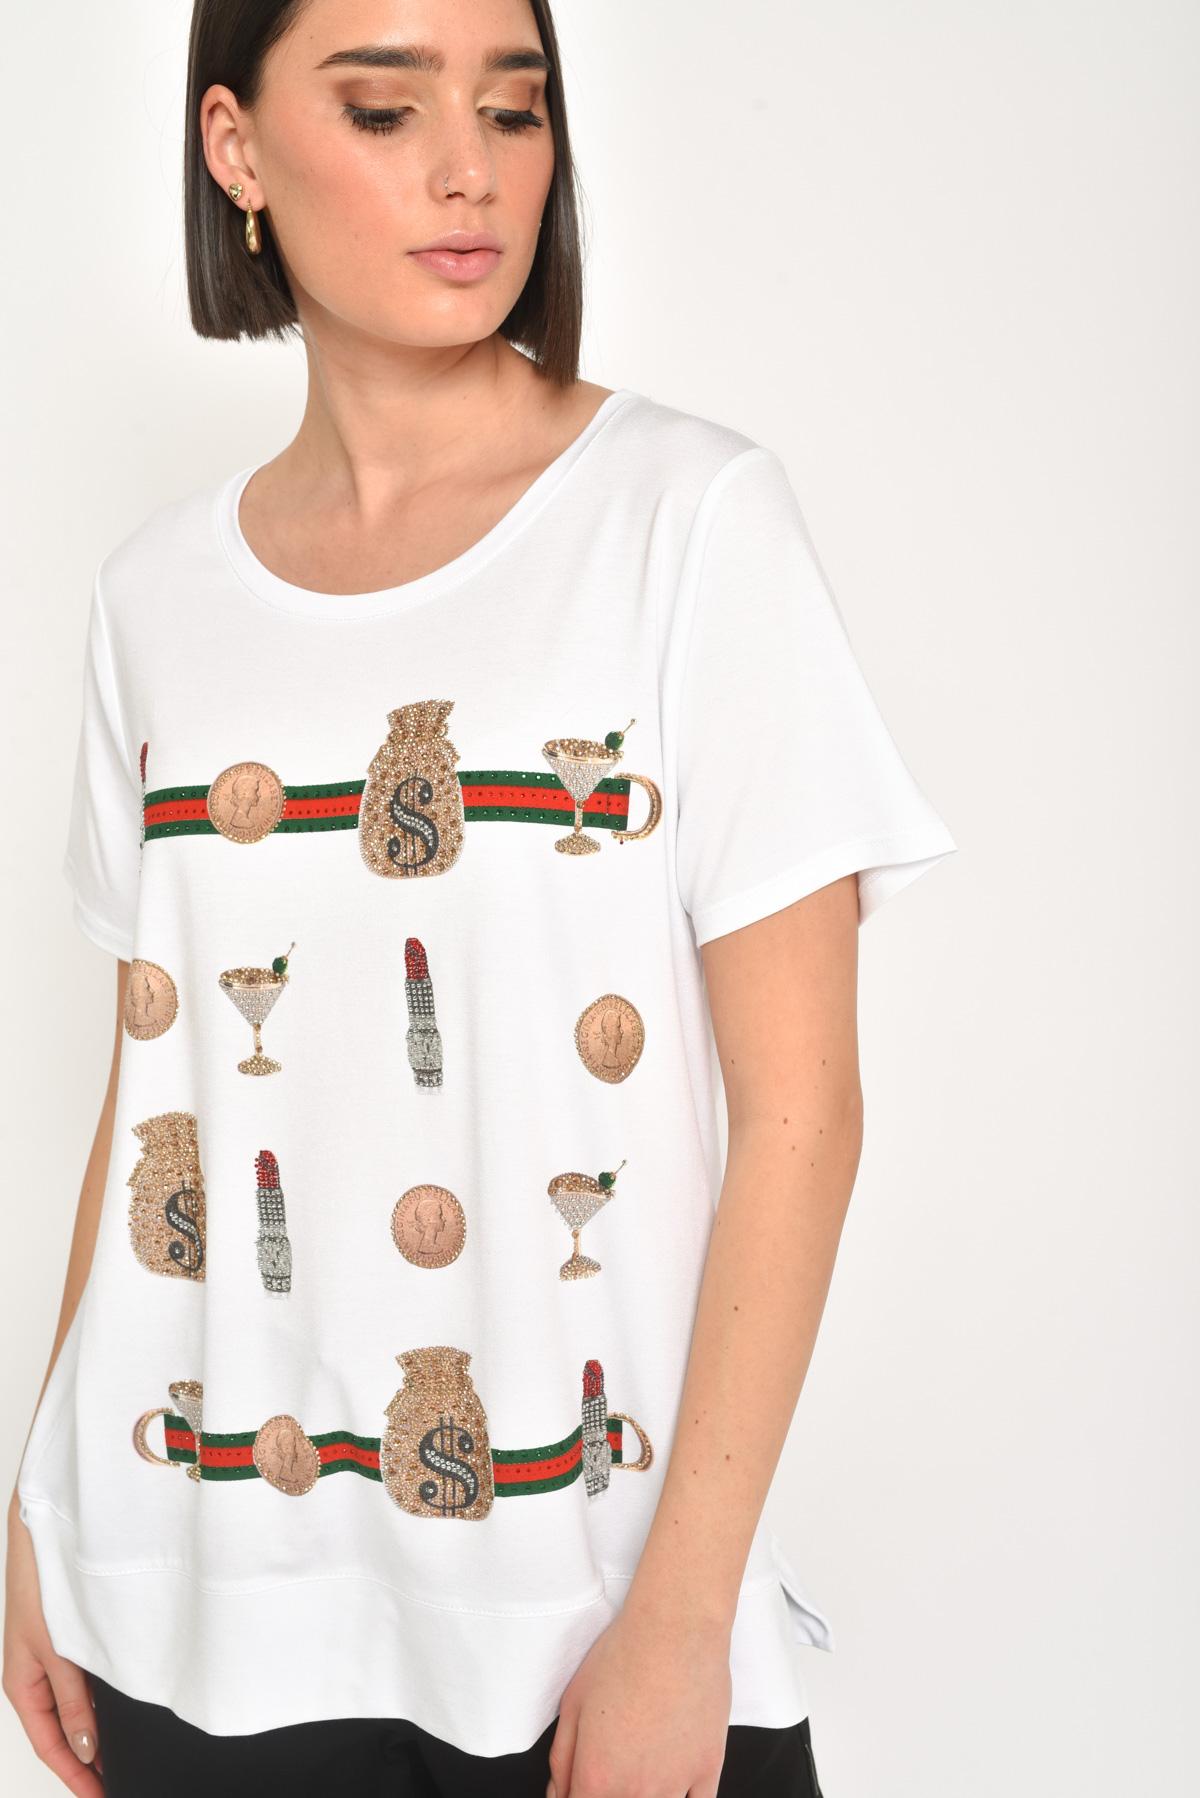 T-SHIRT IN VISCOSA CON STRASS da donna - BIANCO/ORO - Paquito Pronto Moda Shop Online